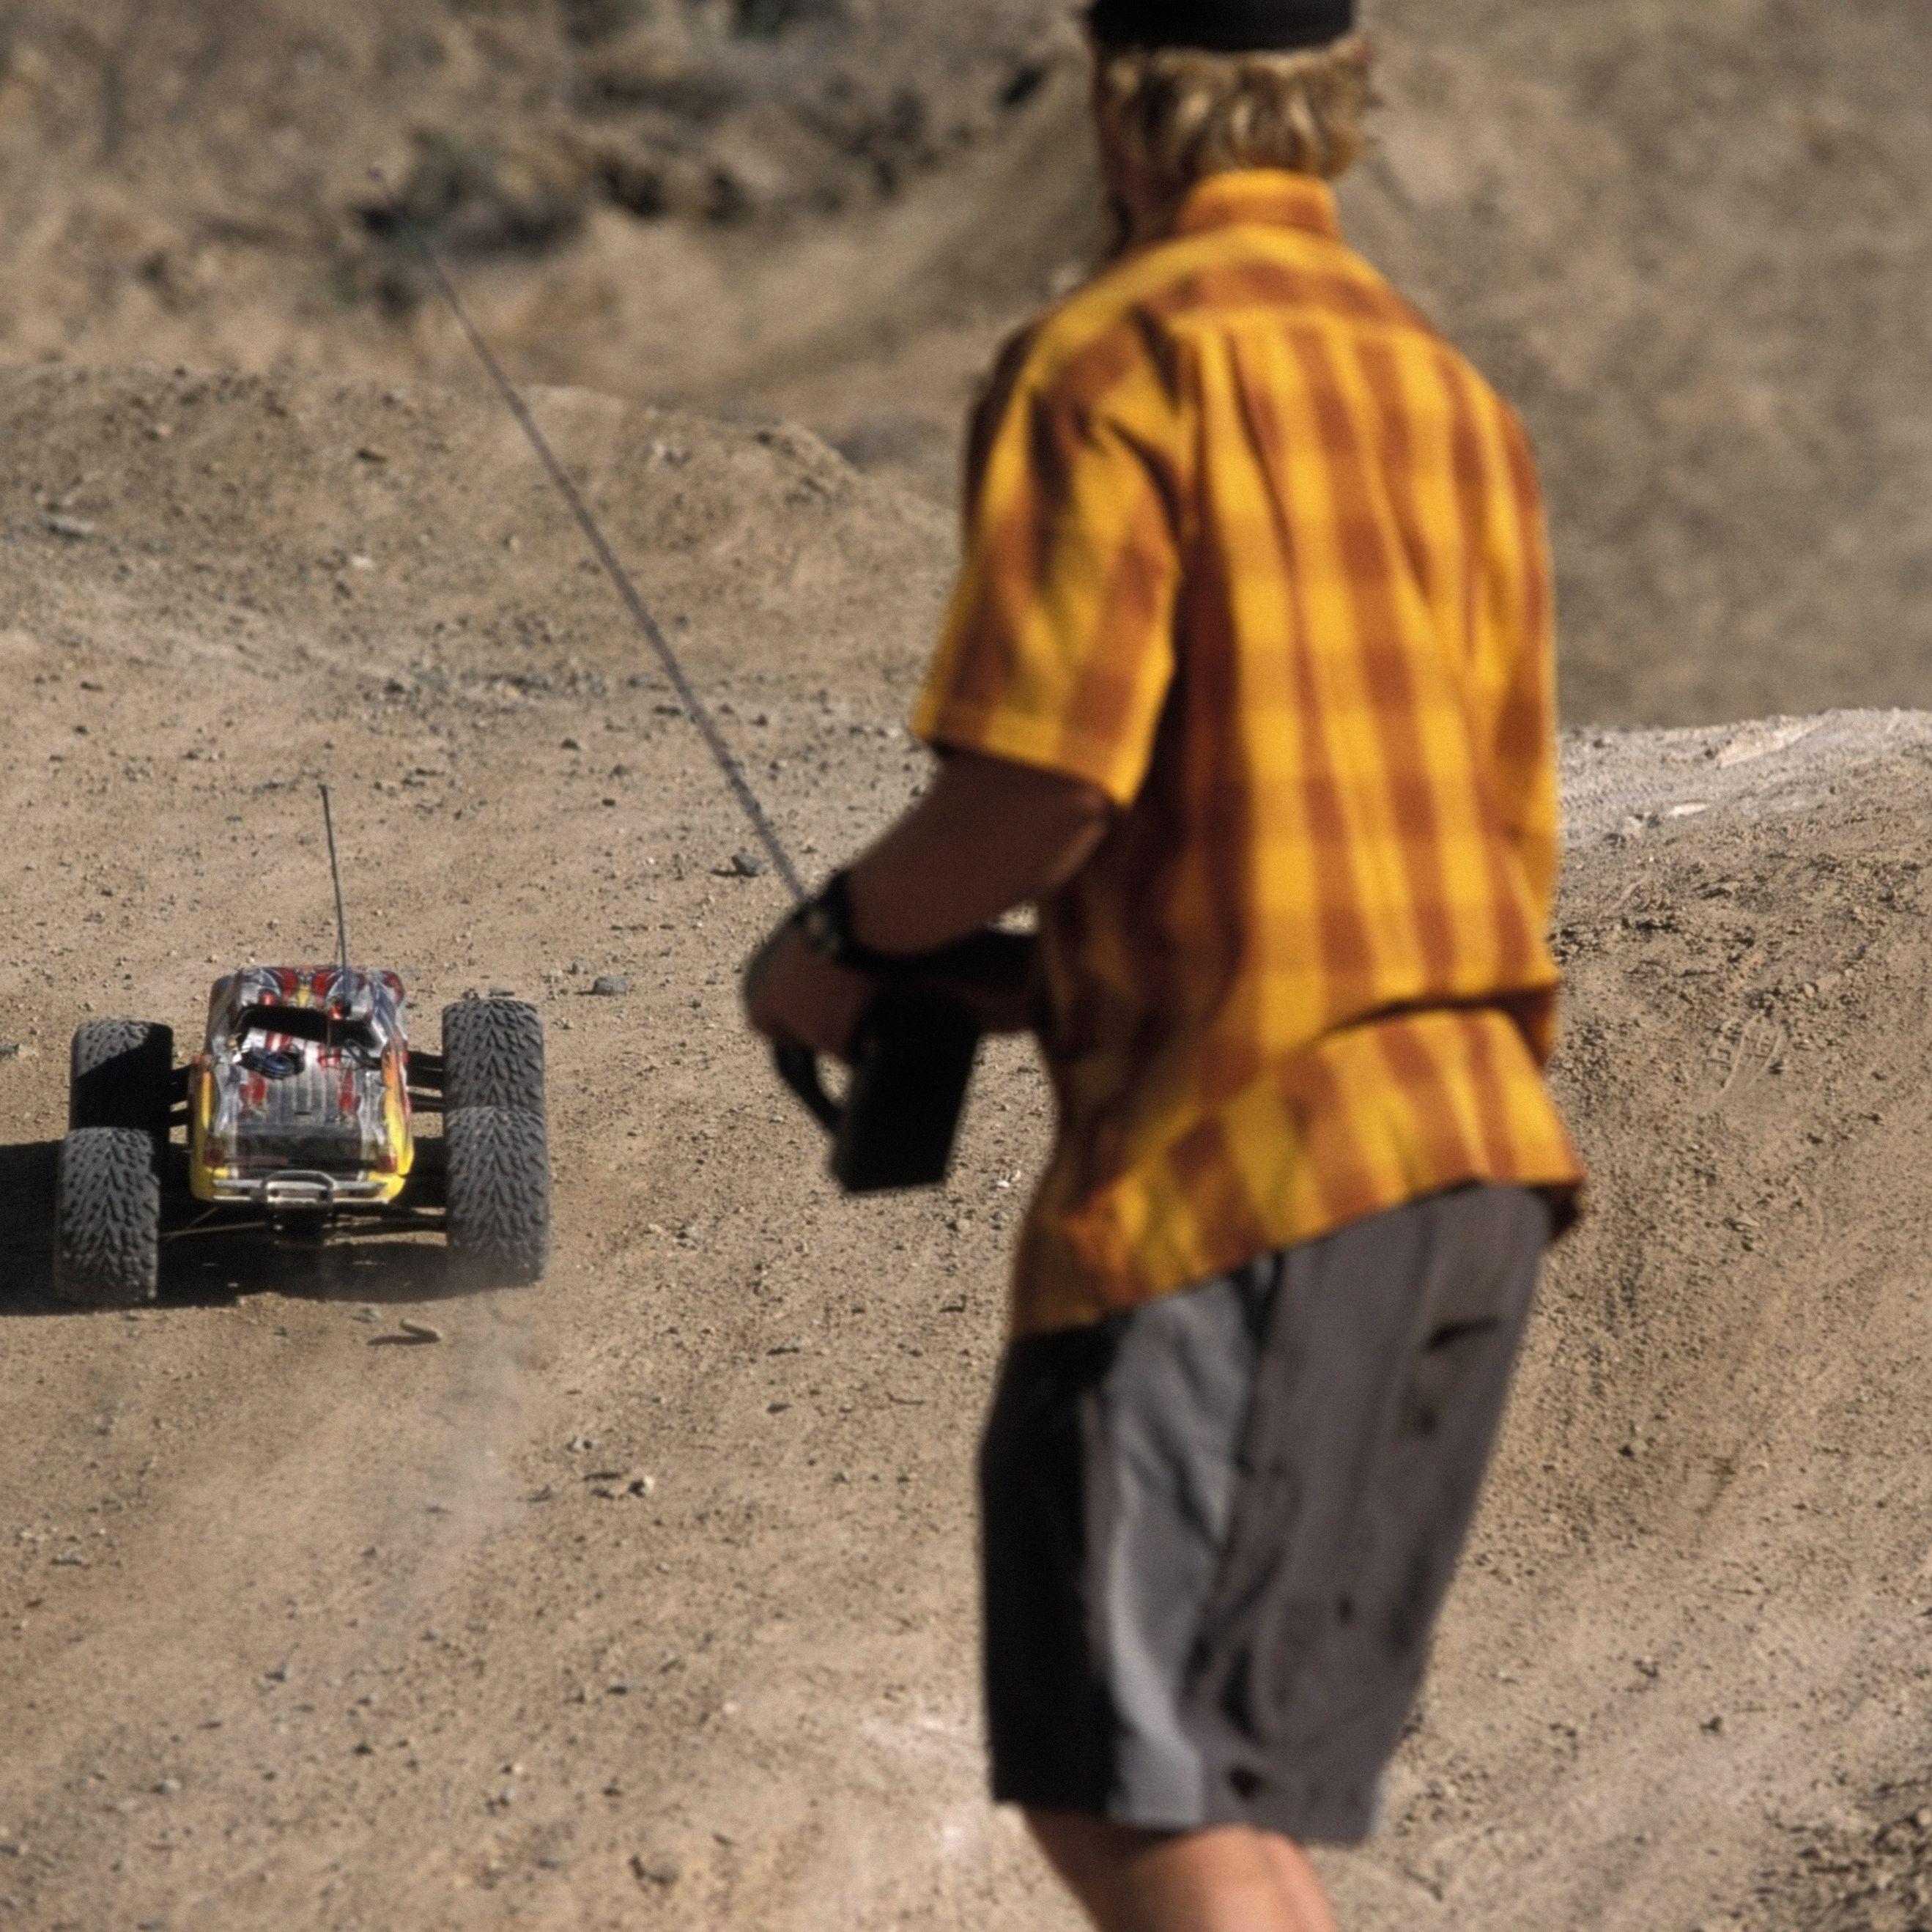 Remote Control RC Car 4x4 Crawler 1:24 Scale 4 Wheel Drive 6km//h Li-Po Battery